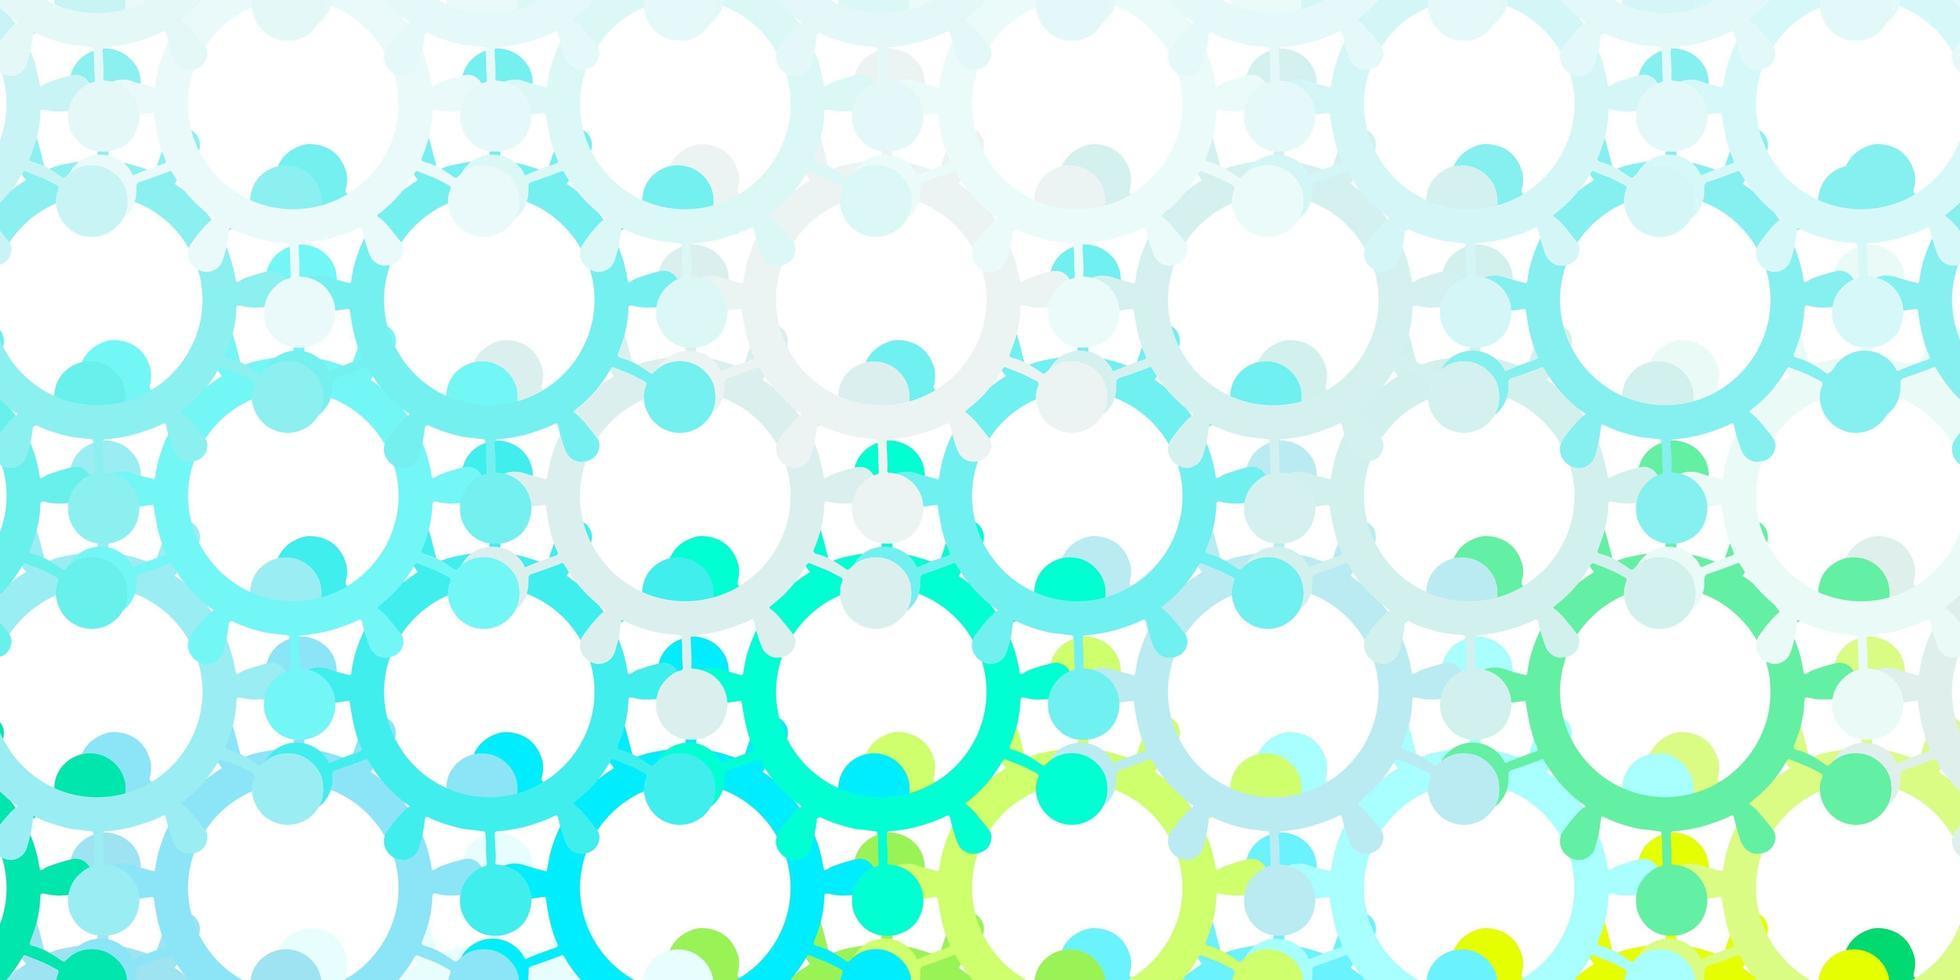 hellblauer, grüner Vektorhintergrund mit covid-19 Symbolen vektor